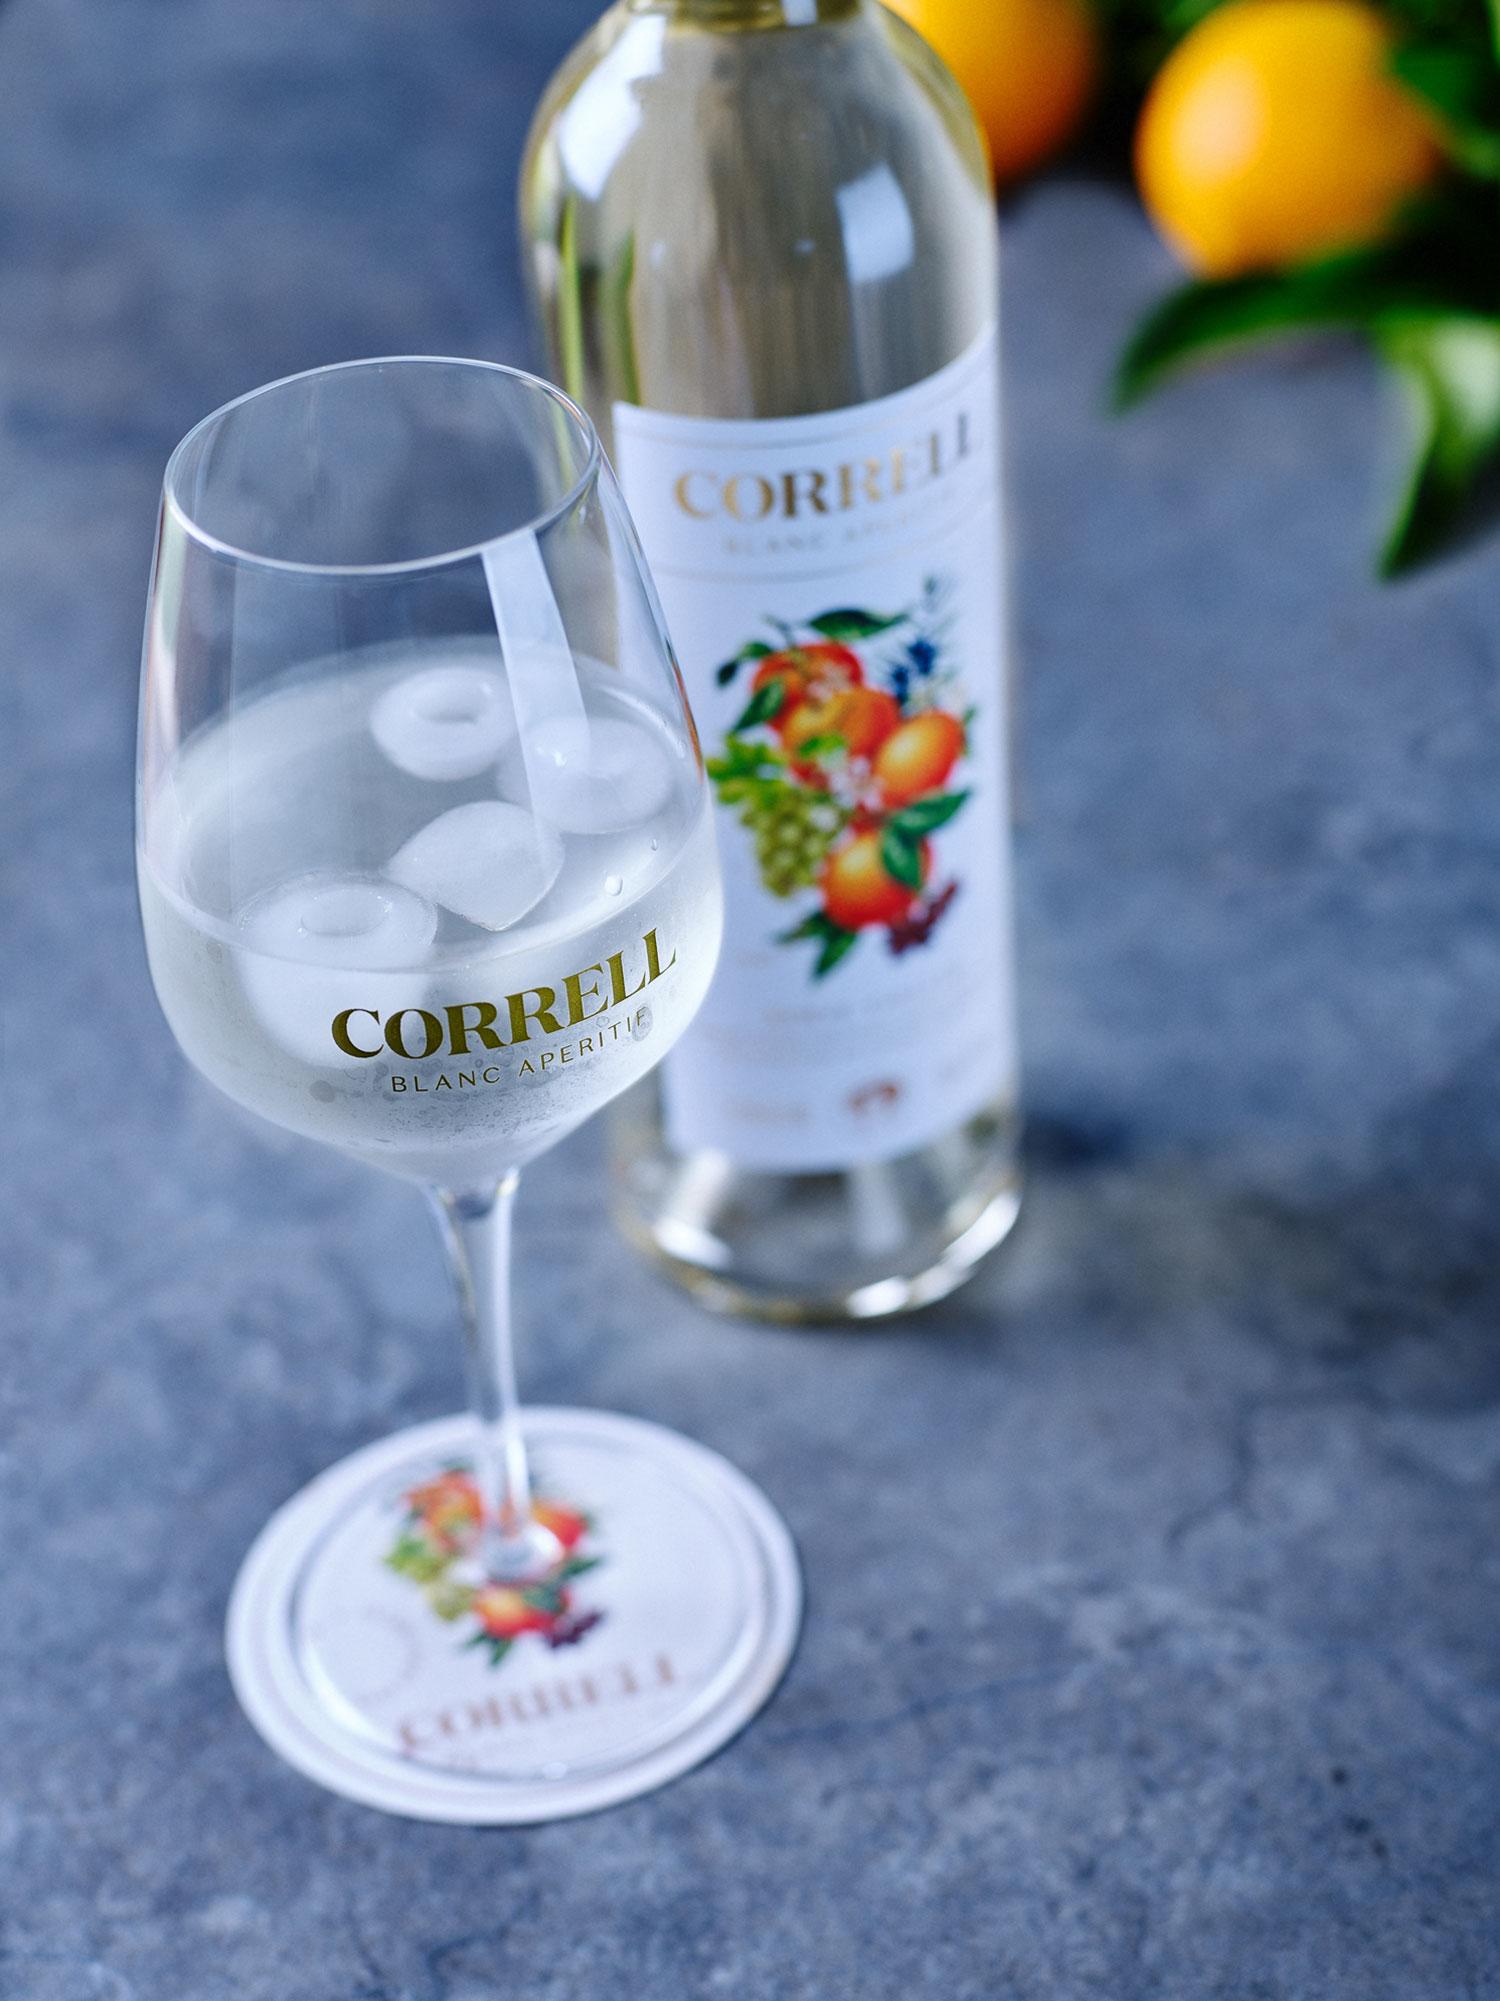 Correll: A New Start